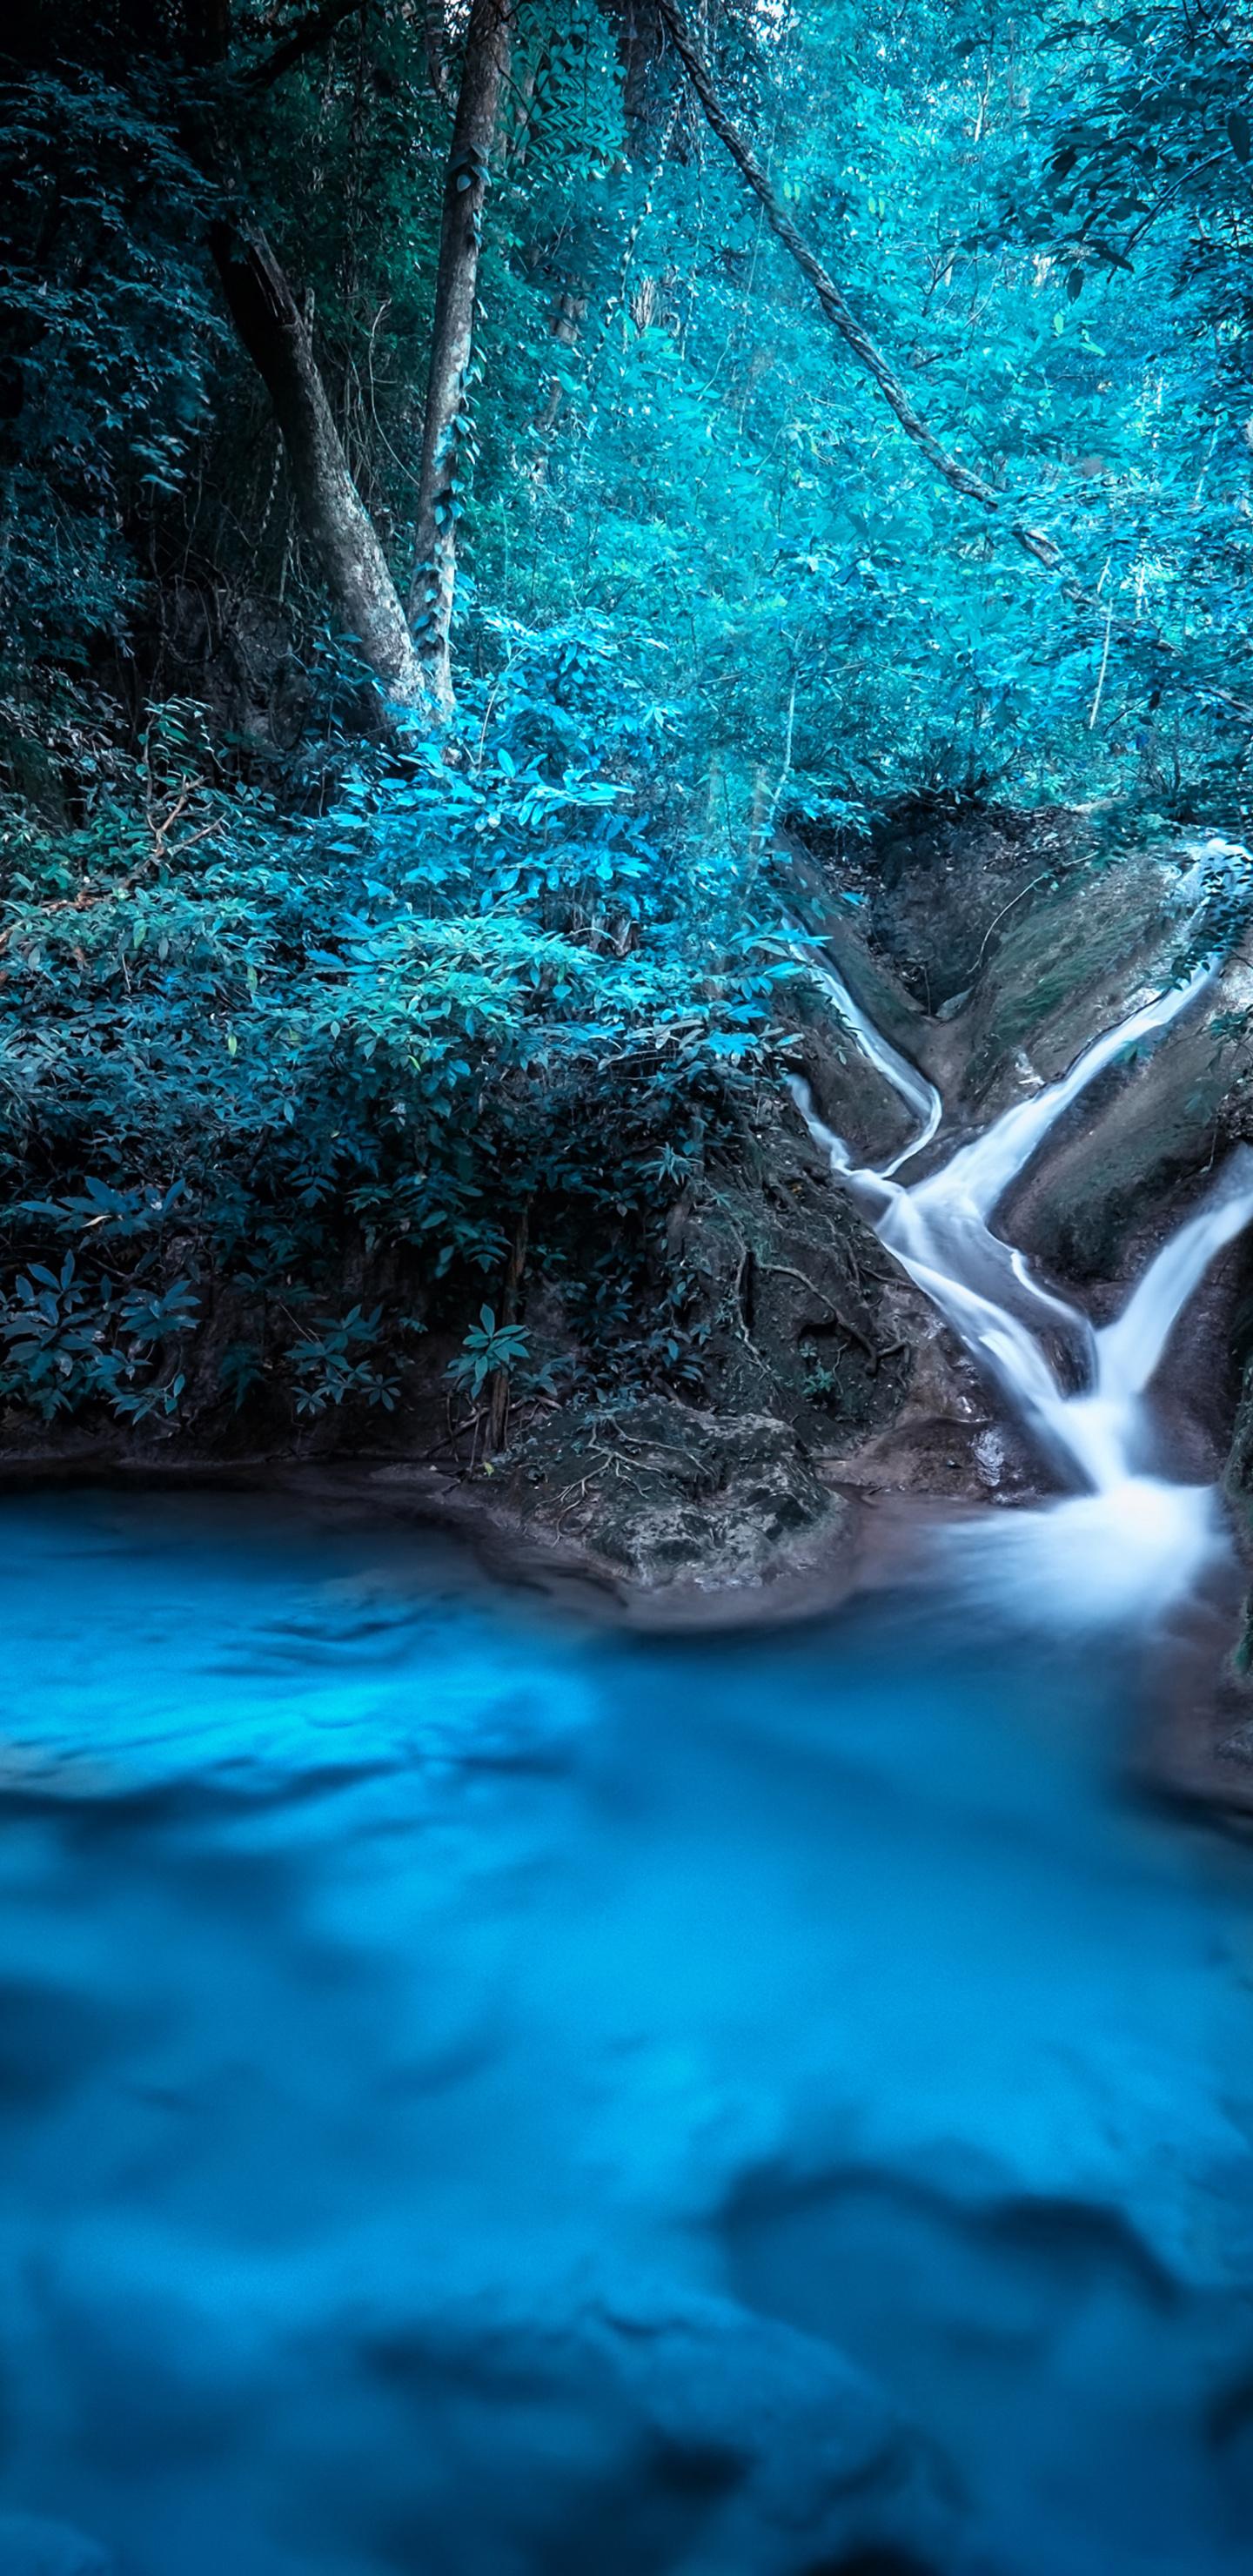 forest-dreamy-waterfall-4k-el.jpg